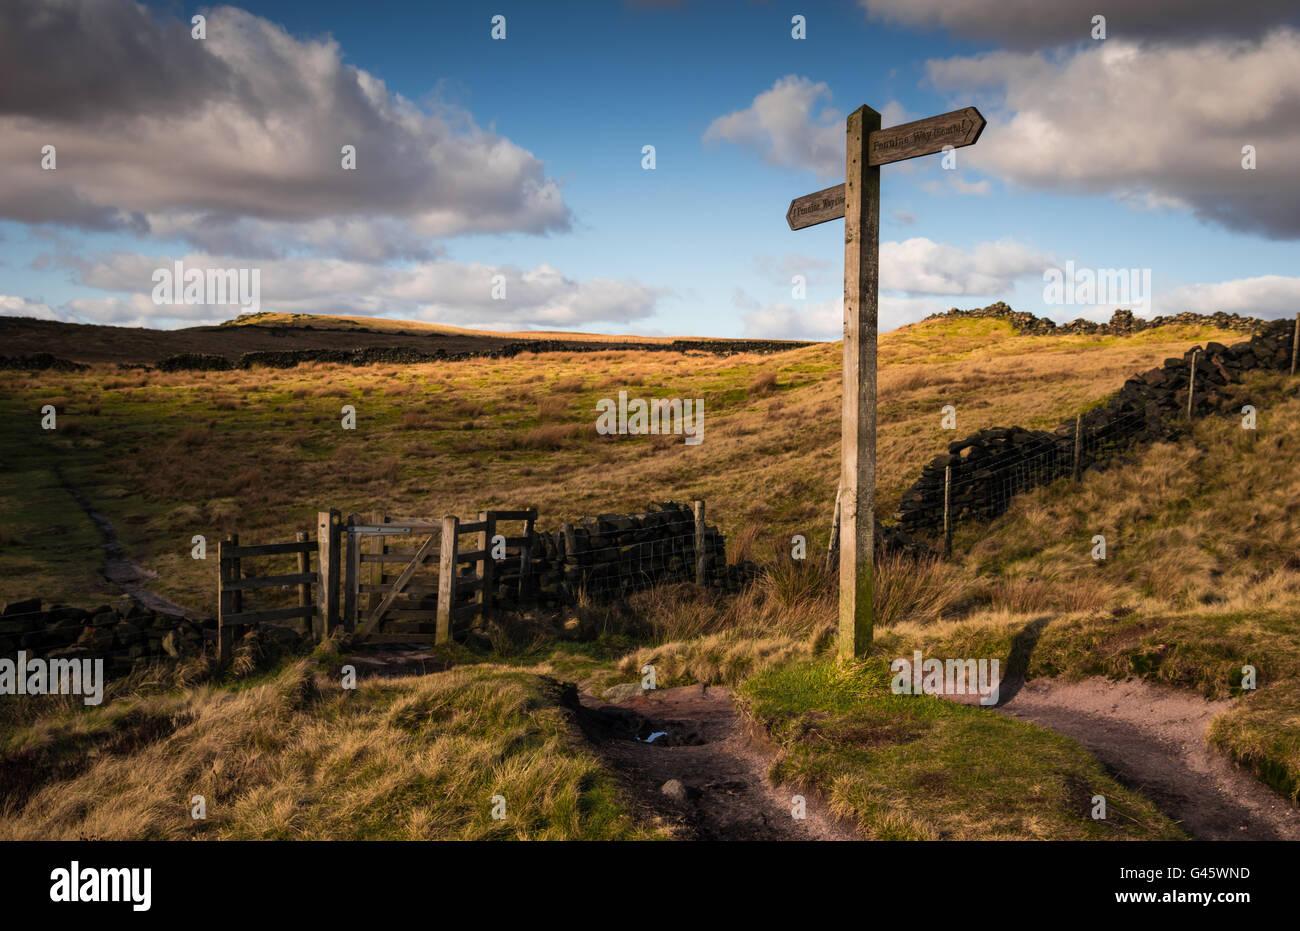 Richtung Post, Finger Post, Pennine Way, Marsden Moor, tonnelle Saddleworth, UK Stockbild